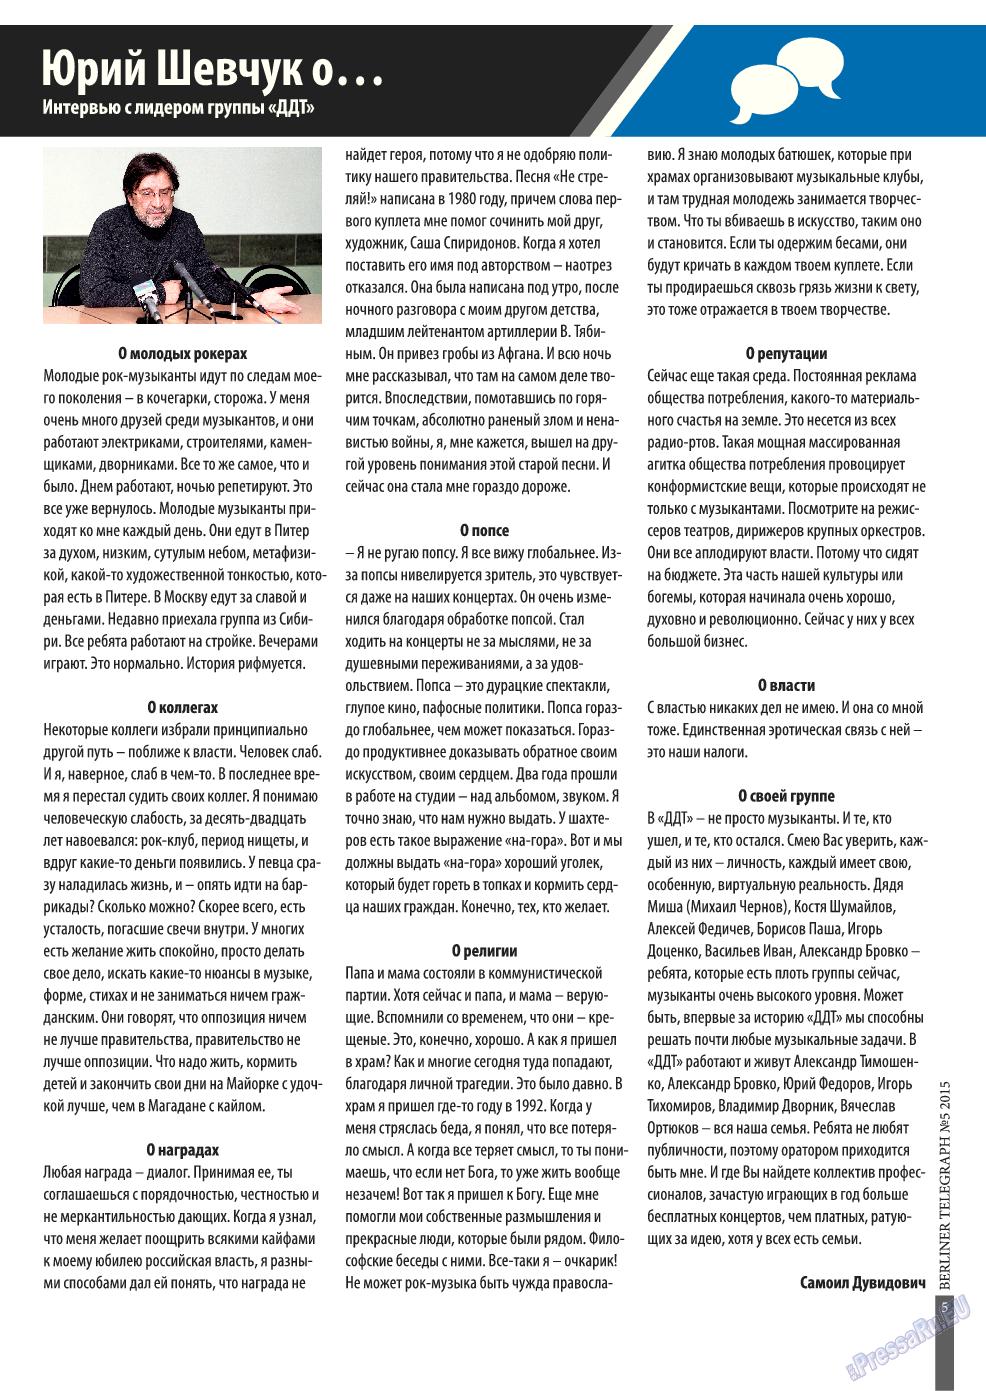 Берлинский телеграф (журнал). 2015 год, номер 5, стр. 5